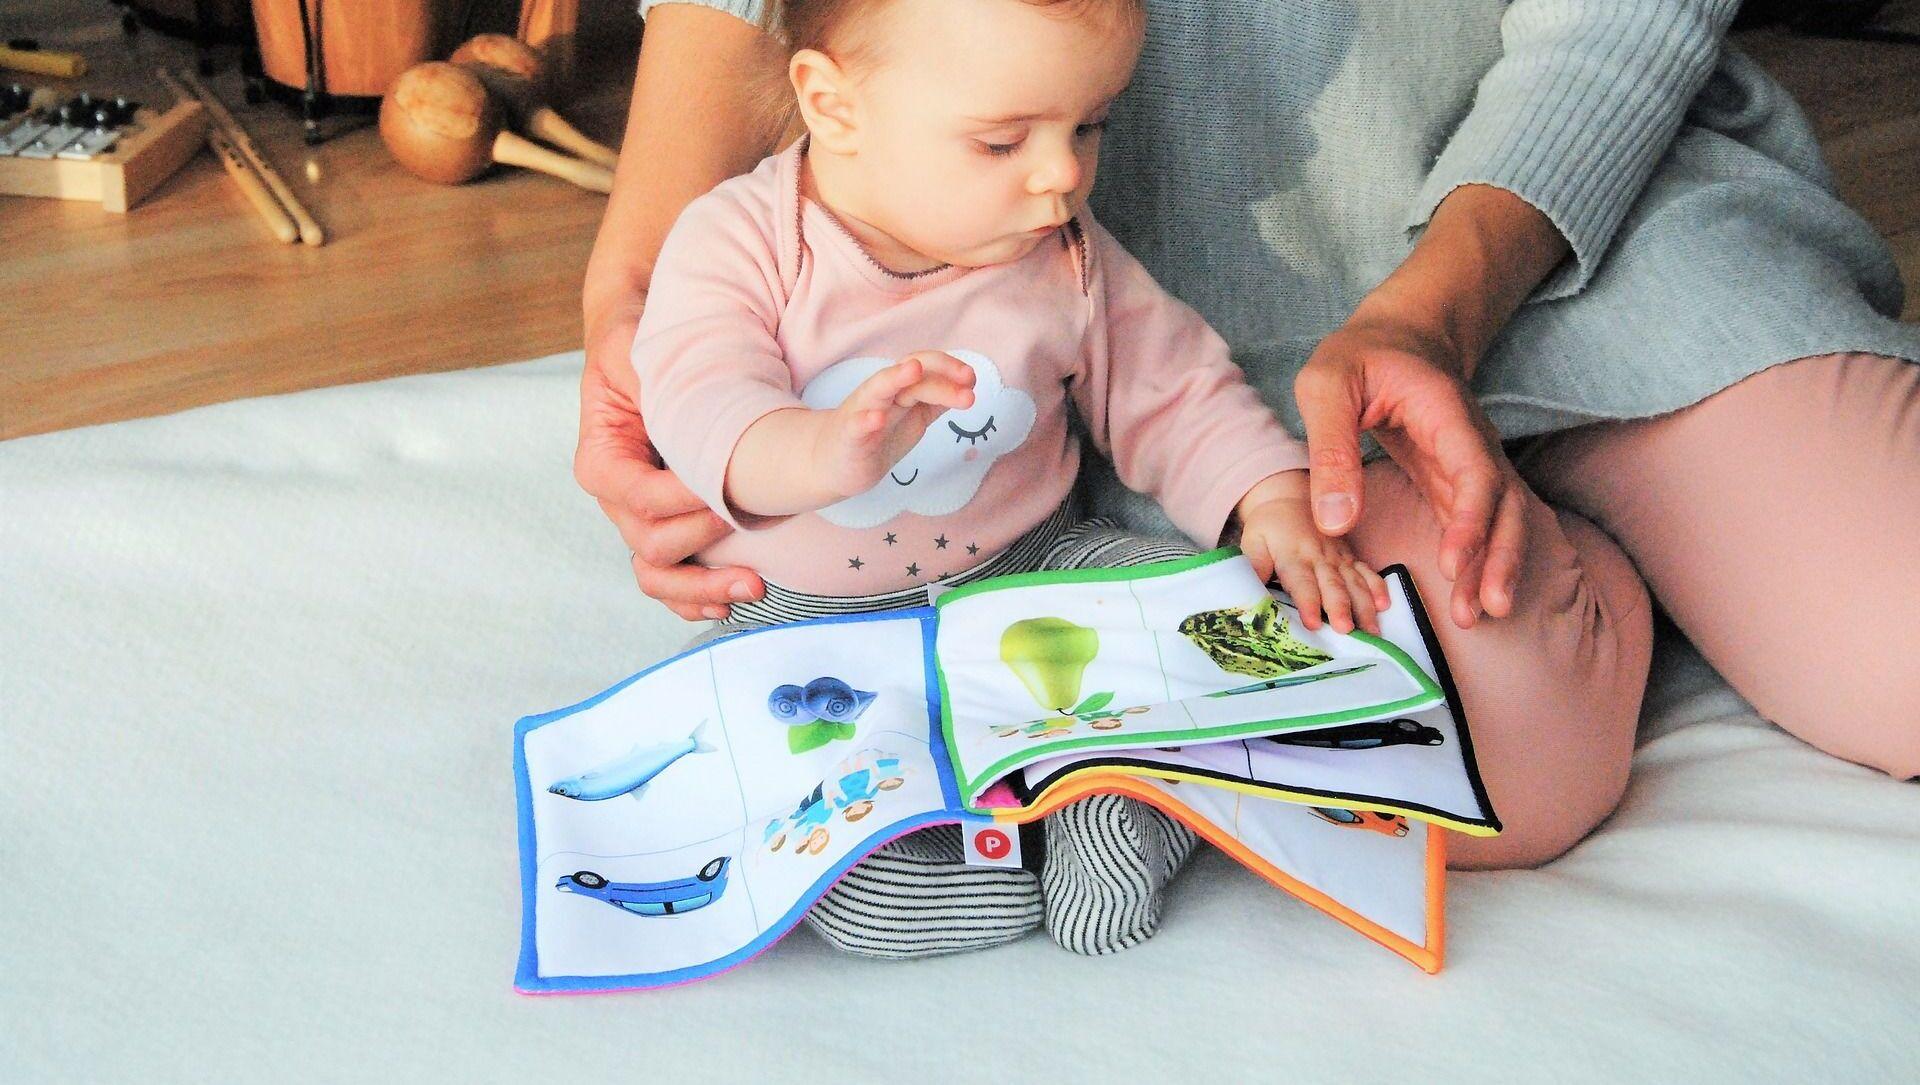 Кто-то занимается с детьми чтением, кто-то - музыкой, но надо учесть, что няня - это не прислуга - Sputnik Беларусь, 1920, 31.03.2021